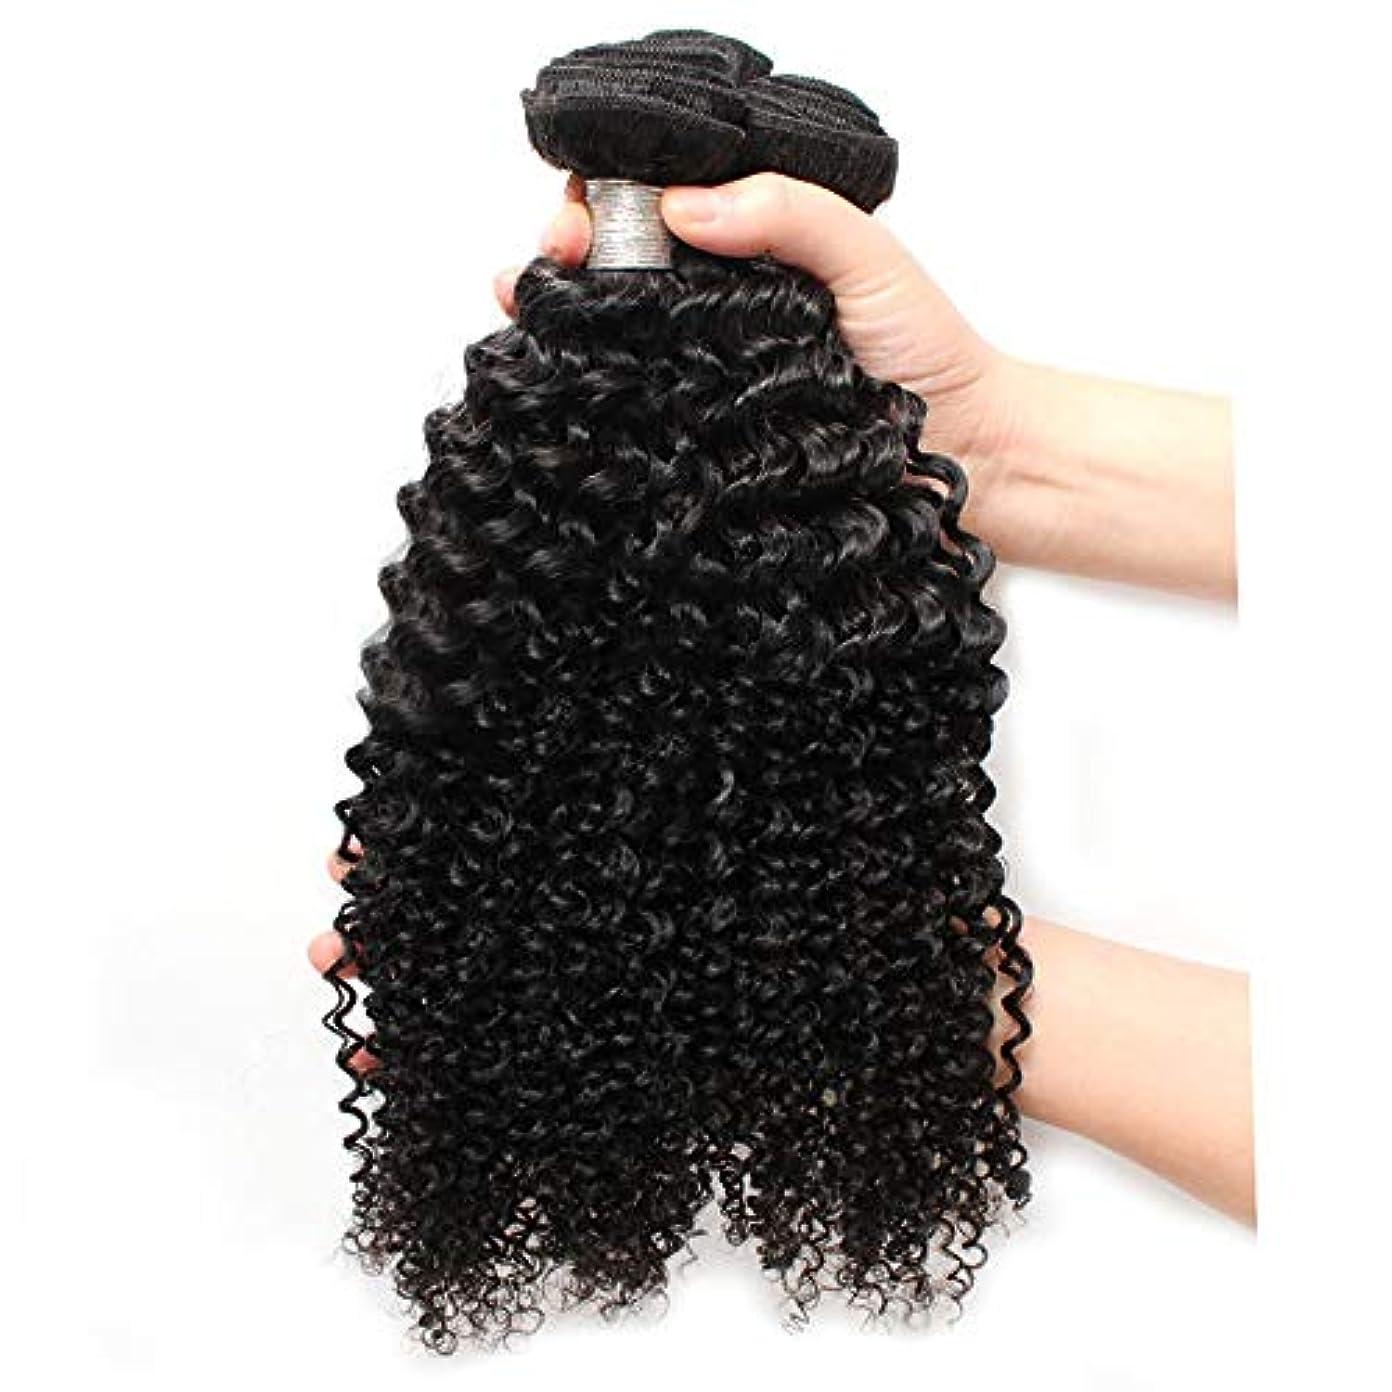 バランス重々しいアベニューWASAIO ブラジルの髪の女性生物鮮やかさ12のための閉鎖ボディカーリーとの同梱バージン拡張バンドル人間織り「-26」 (色 : 黒, サイズ : 18 inch)